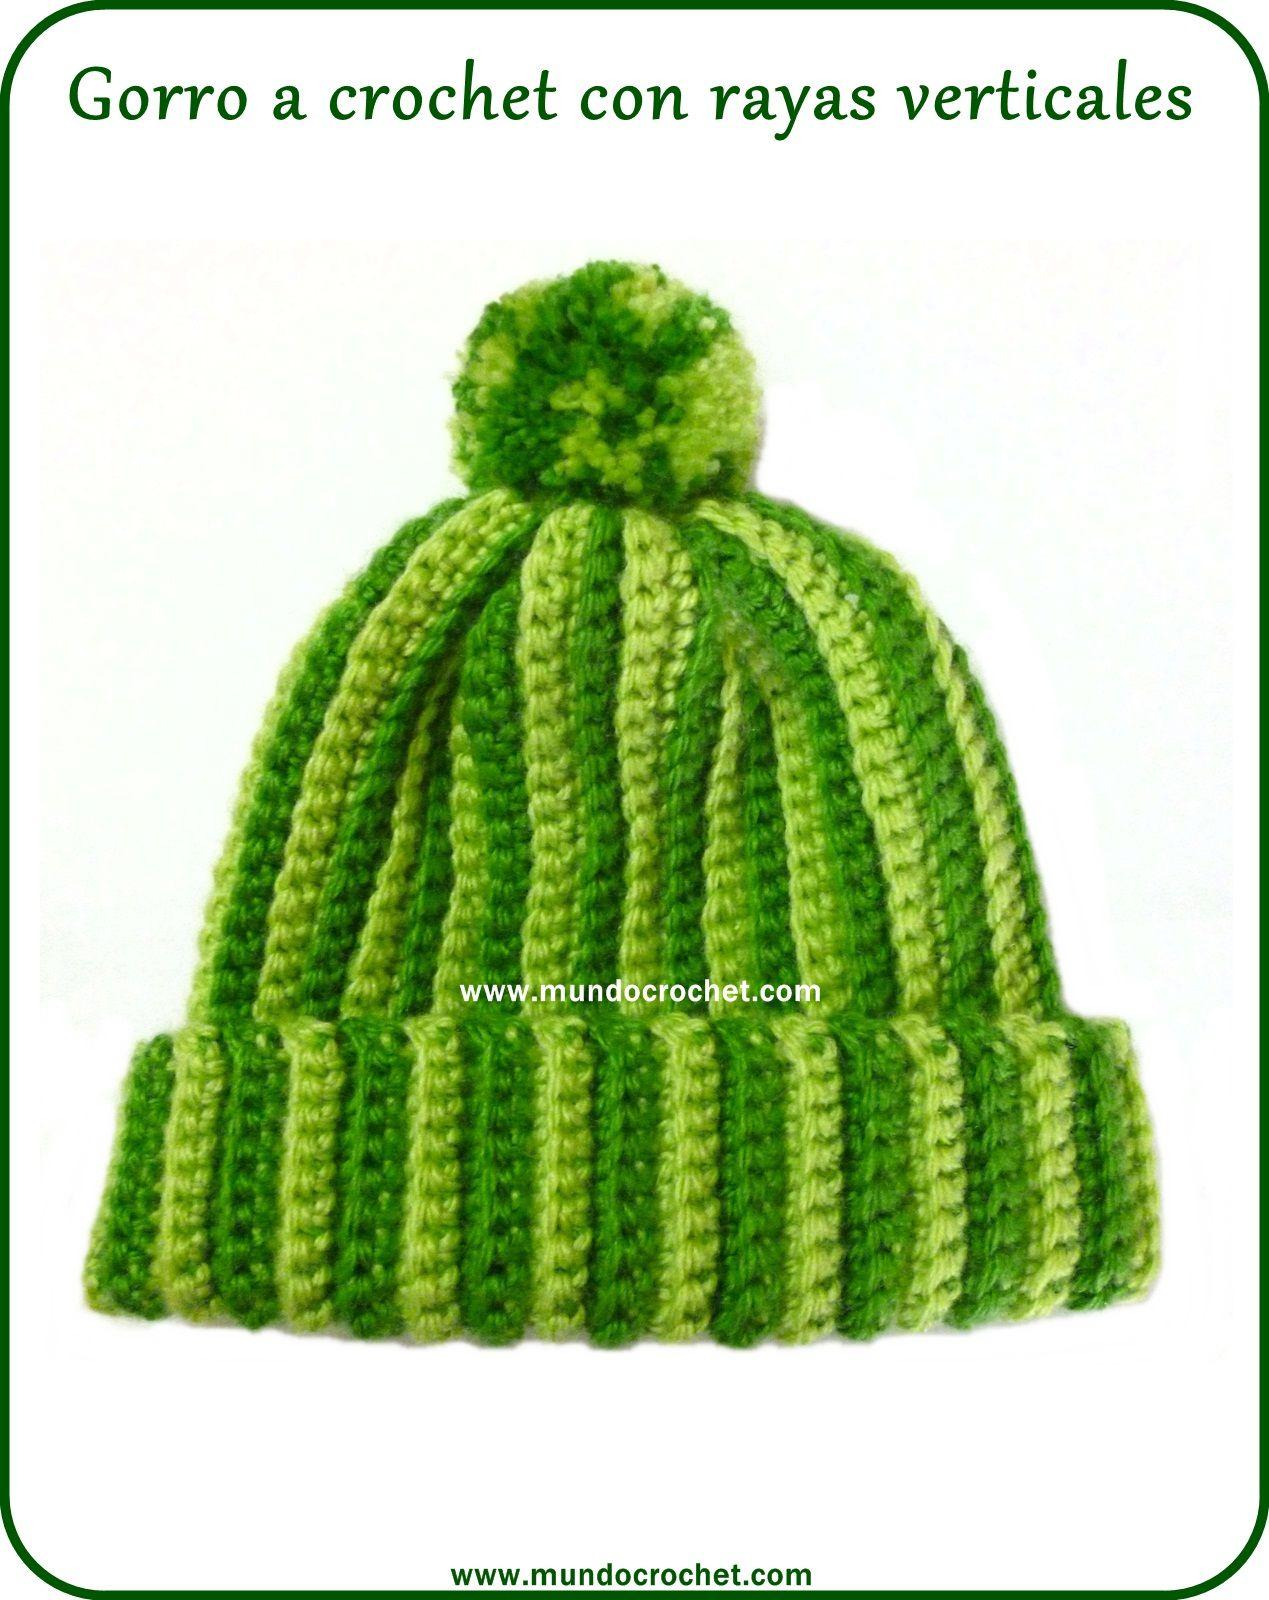 Gorro a crochet rayas verticales. Patrón gratis y tutorial detallado ...